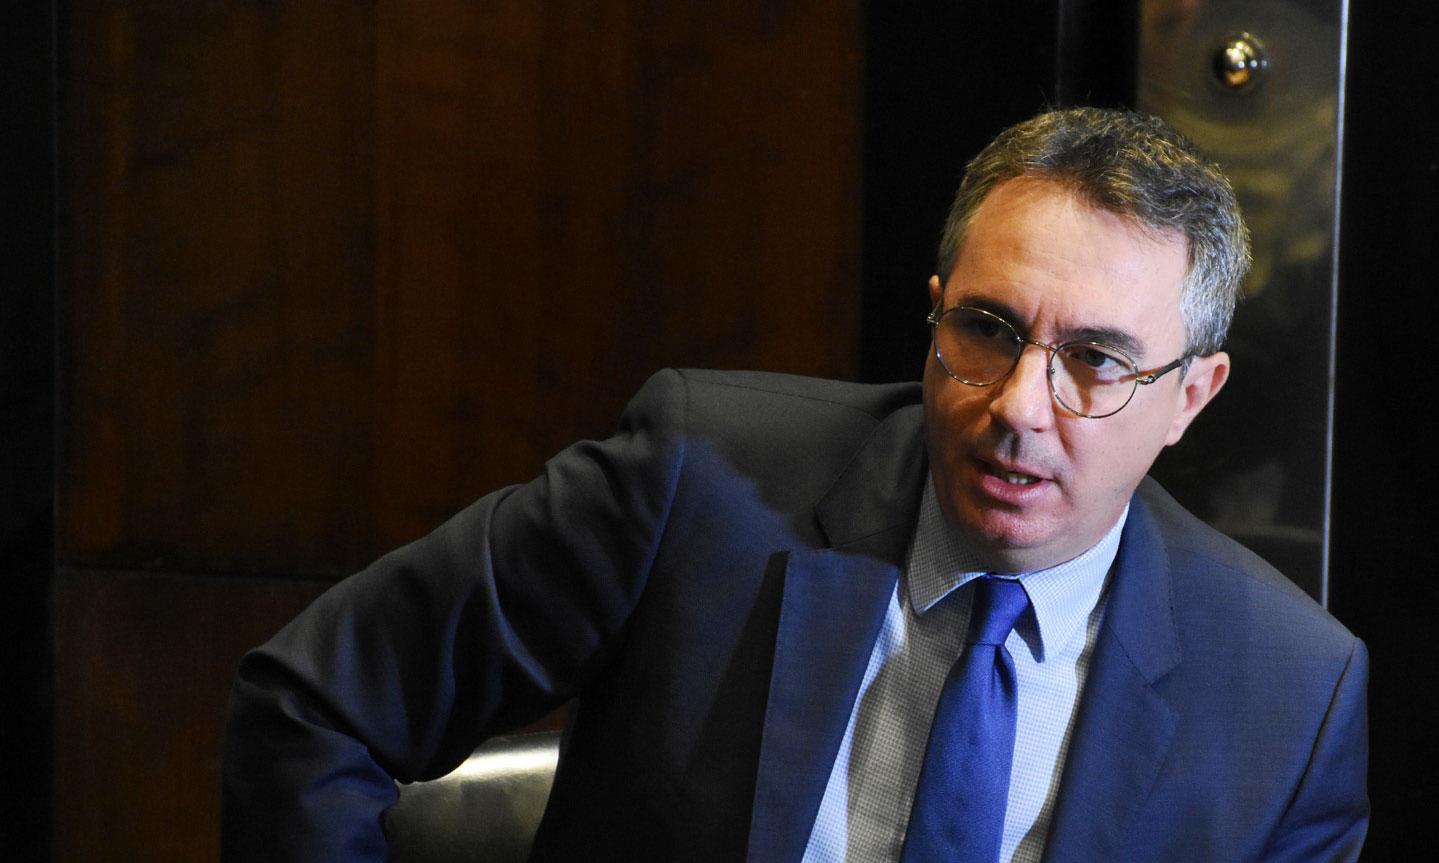 Le management de Finéa a présenté, le 10 juin à Casablanca, les objectifs d'un road-show national qui parcourra 9 villes du Royaume et ciblera 2.200 chefs d'entreprises. Ph. Seddik